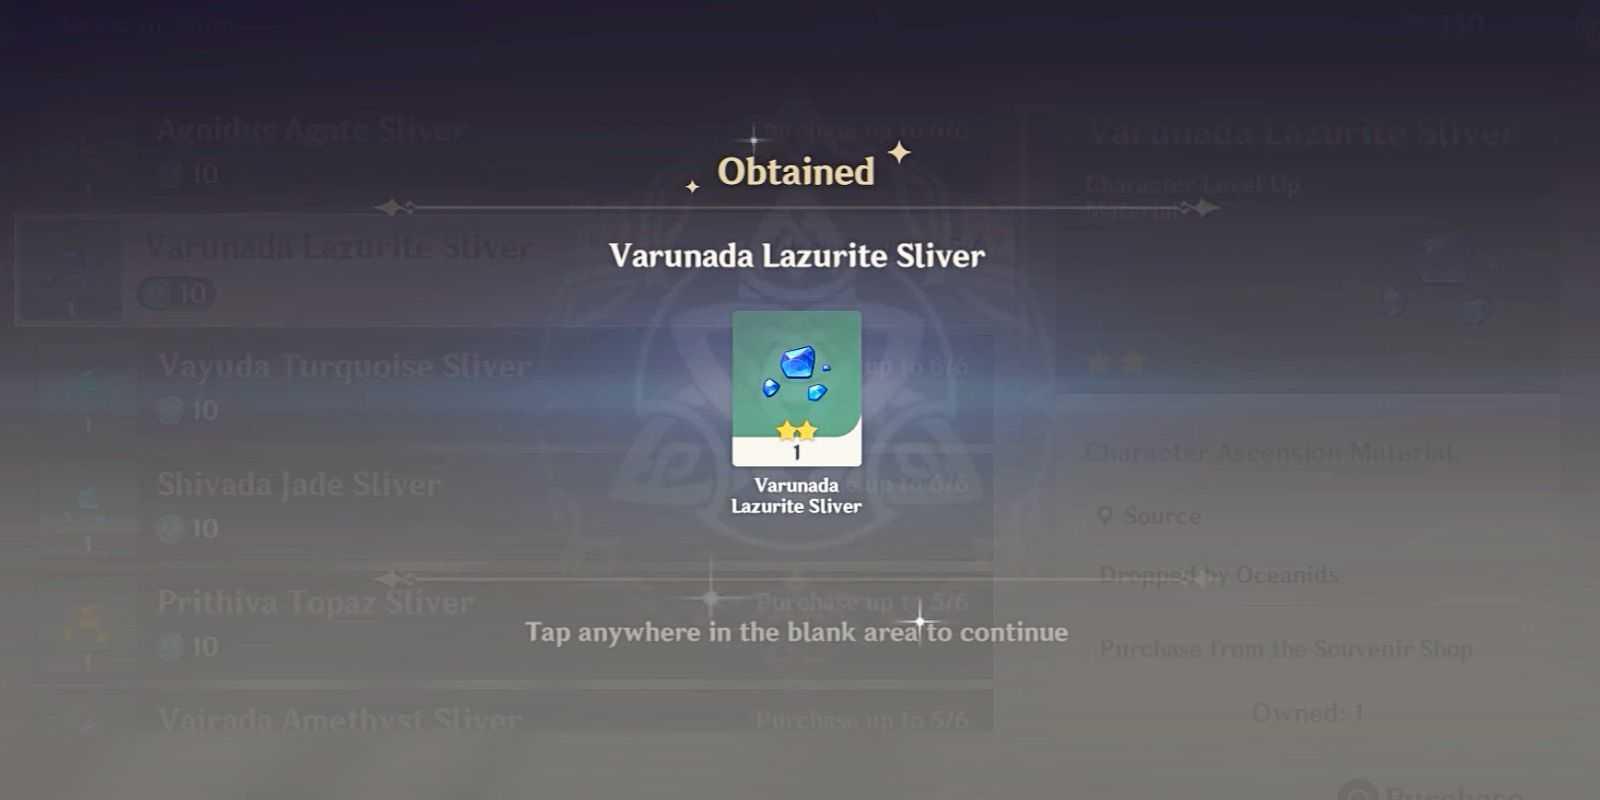 Где найти еще лазурит Варунада (и для чего он нужен)